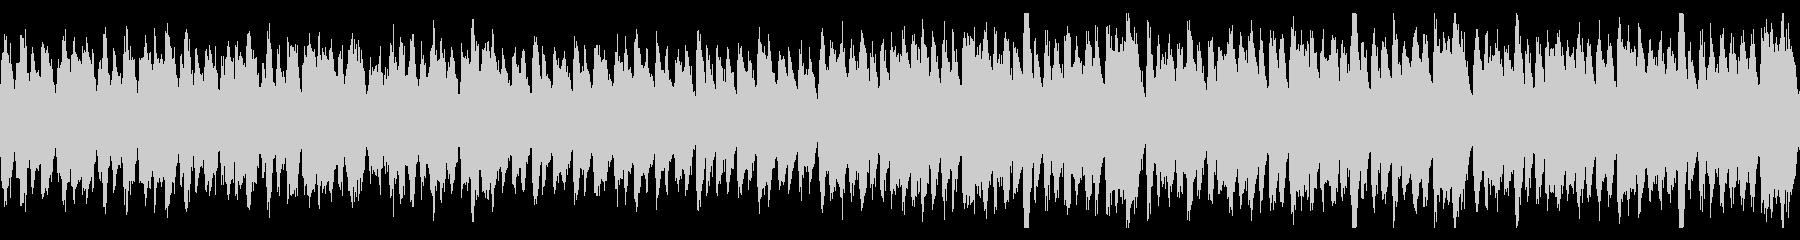 オーケストラ楽器構成のハロウィーン曲の未再生の波形